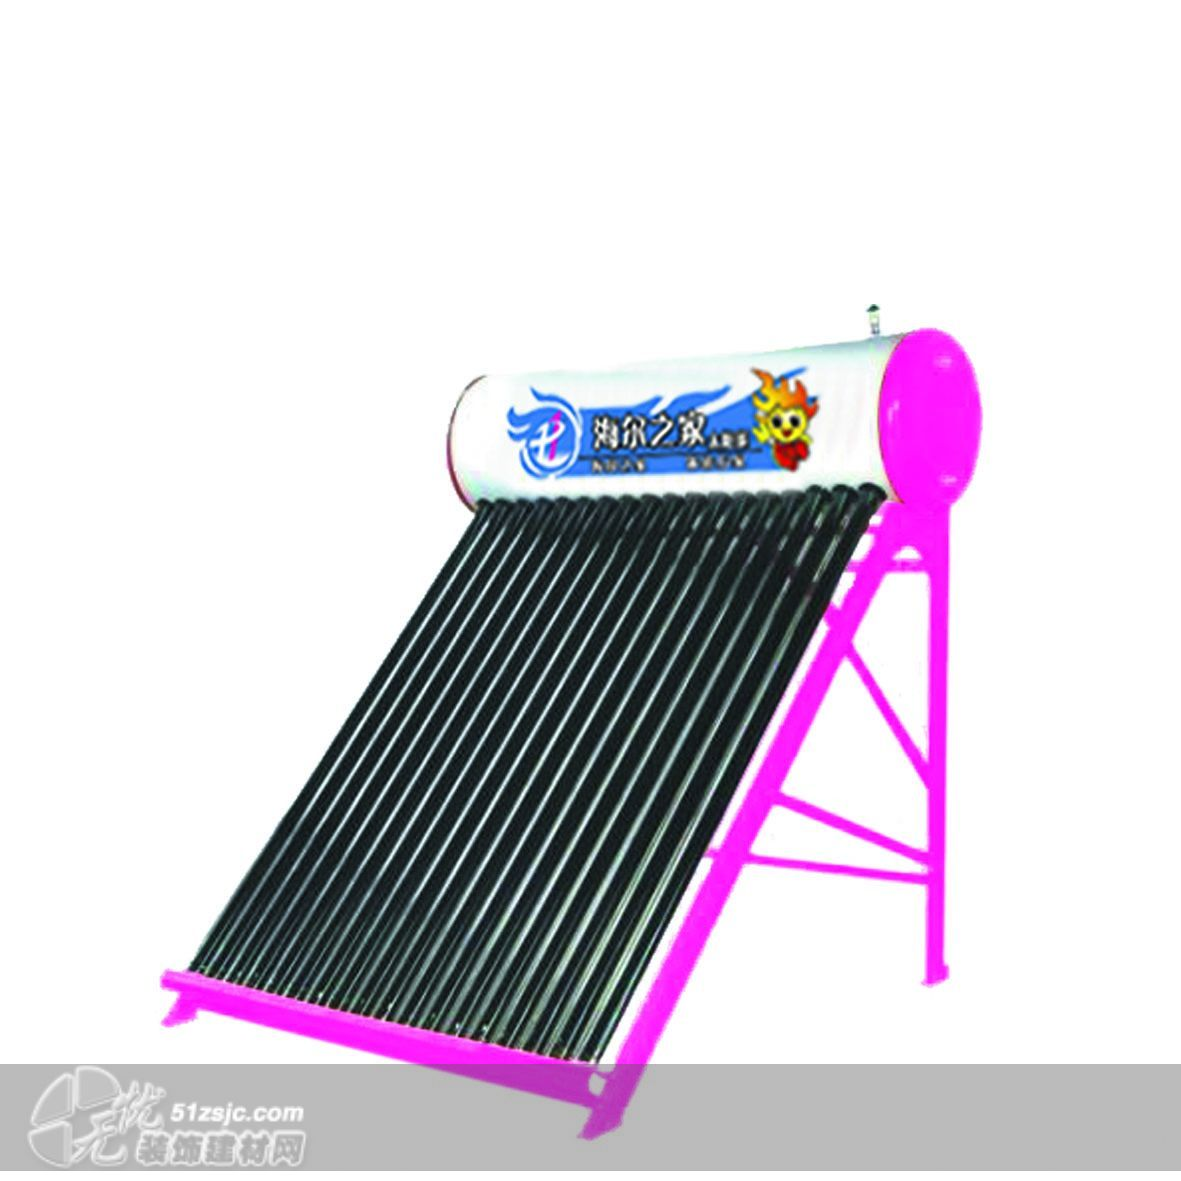 海尔之家海尔之家太阳能热水器